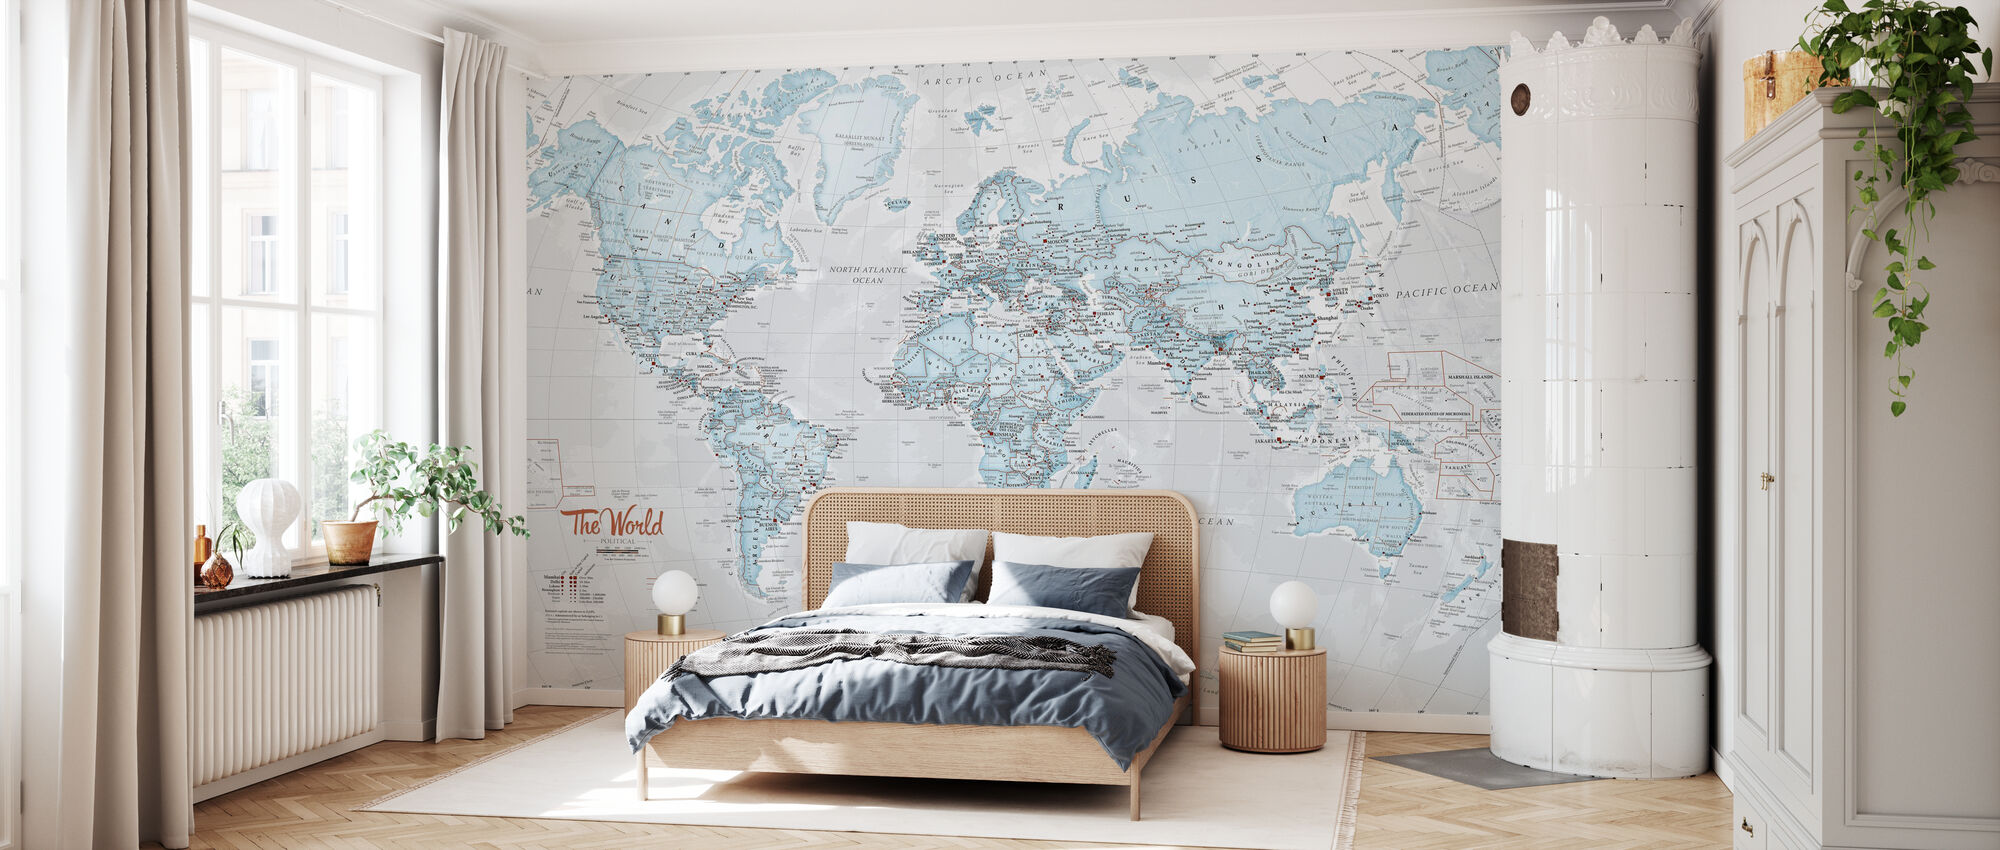 World Map Political Aqua - Wallpaper - Bedroom